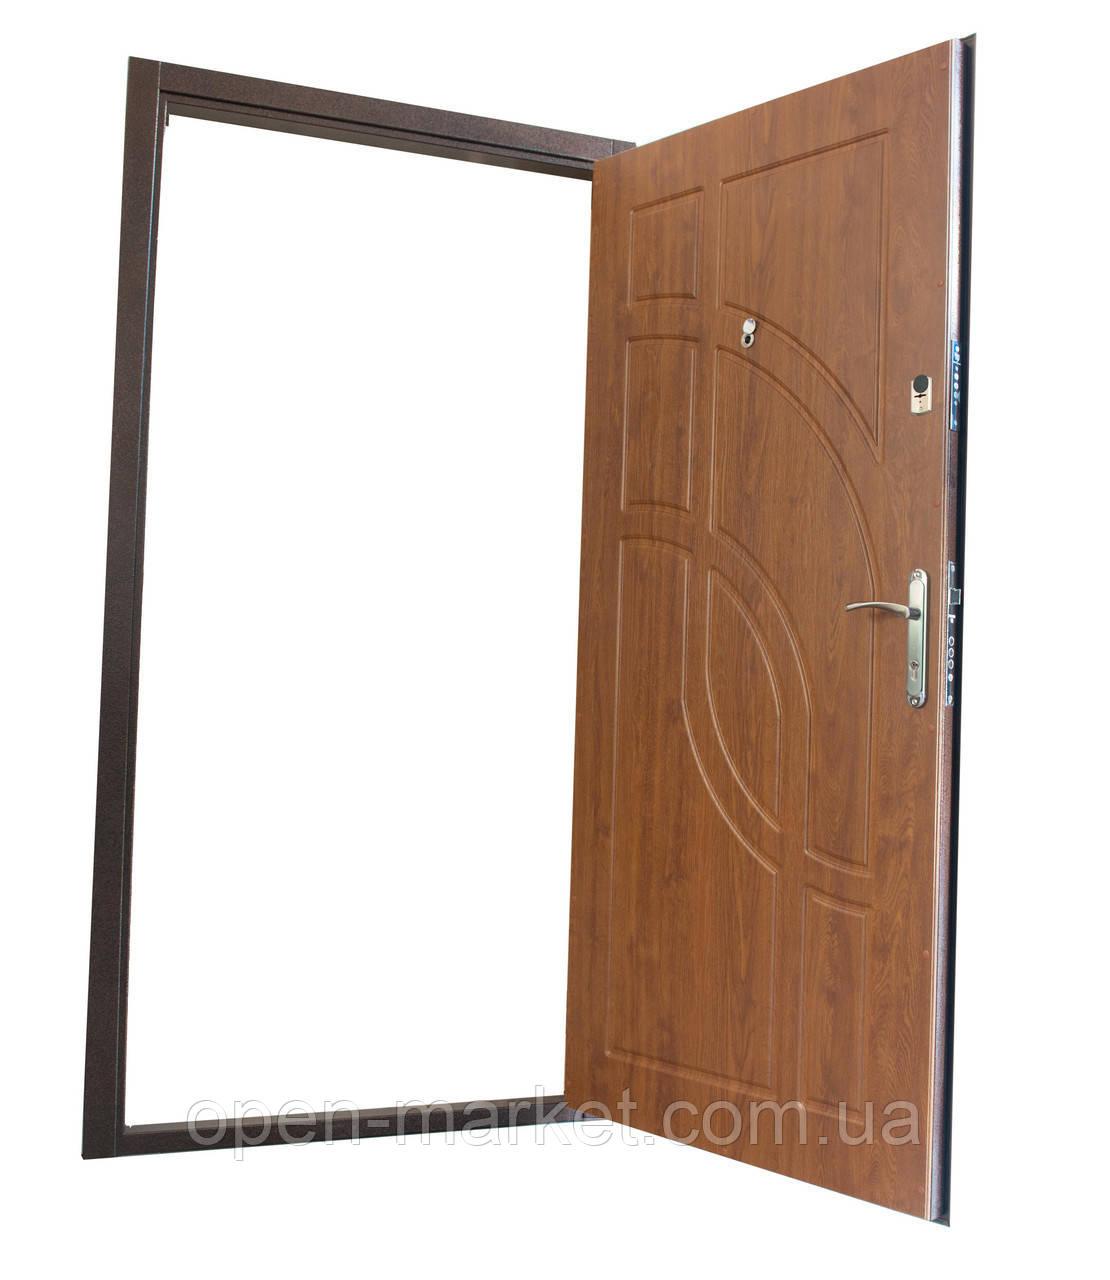 Двери уличные Коблево Николаевская область